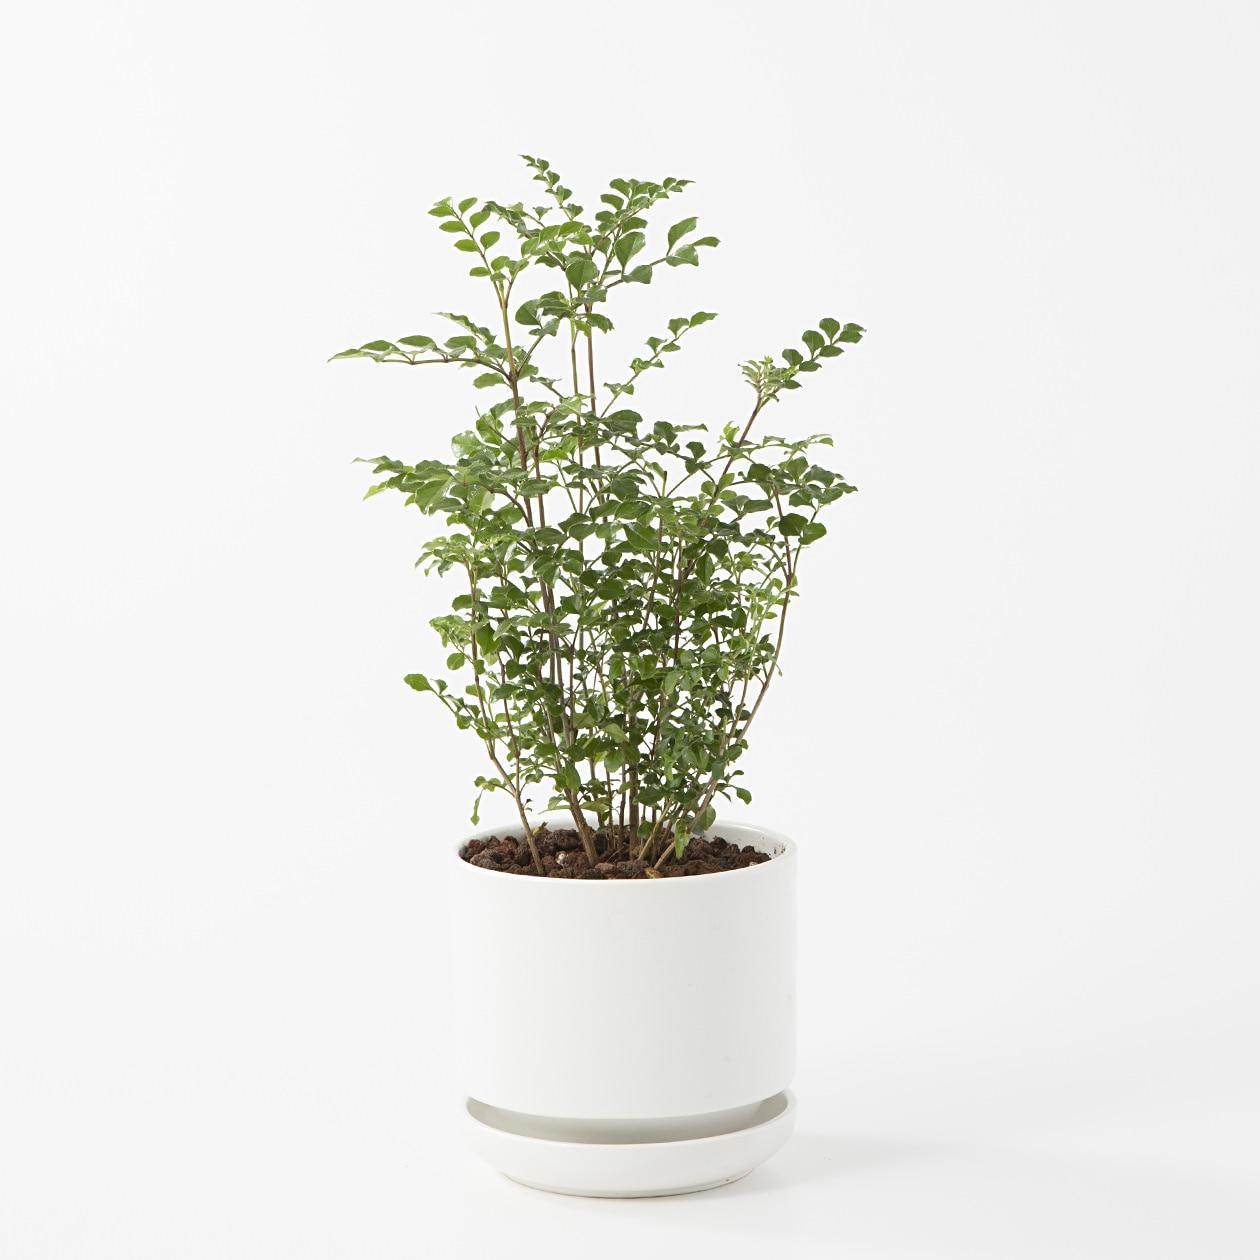 【ネット限定】瀬戸焼の鉢 トネリコ 4号